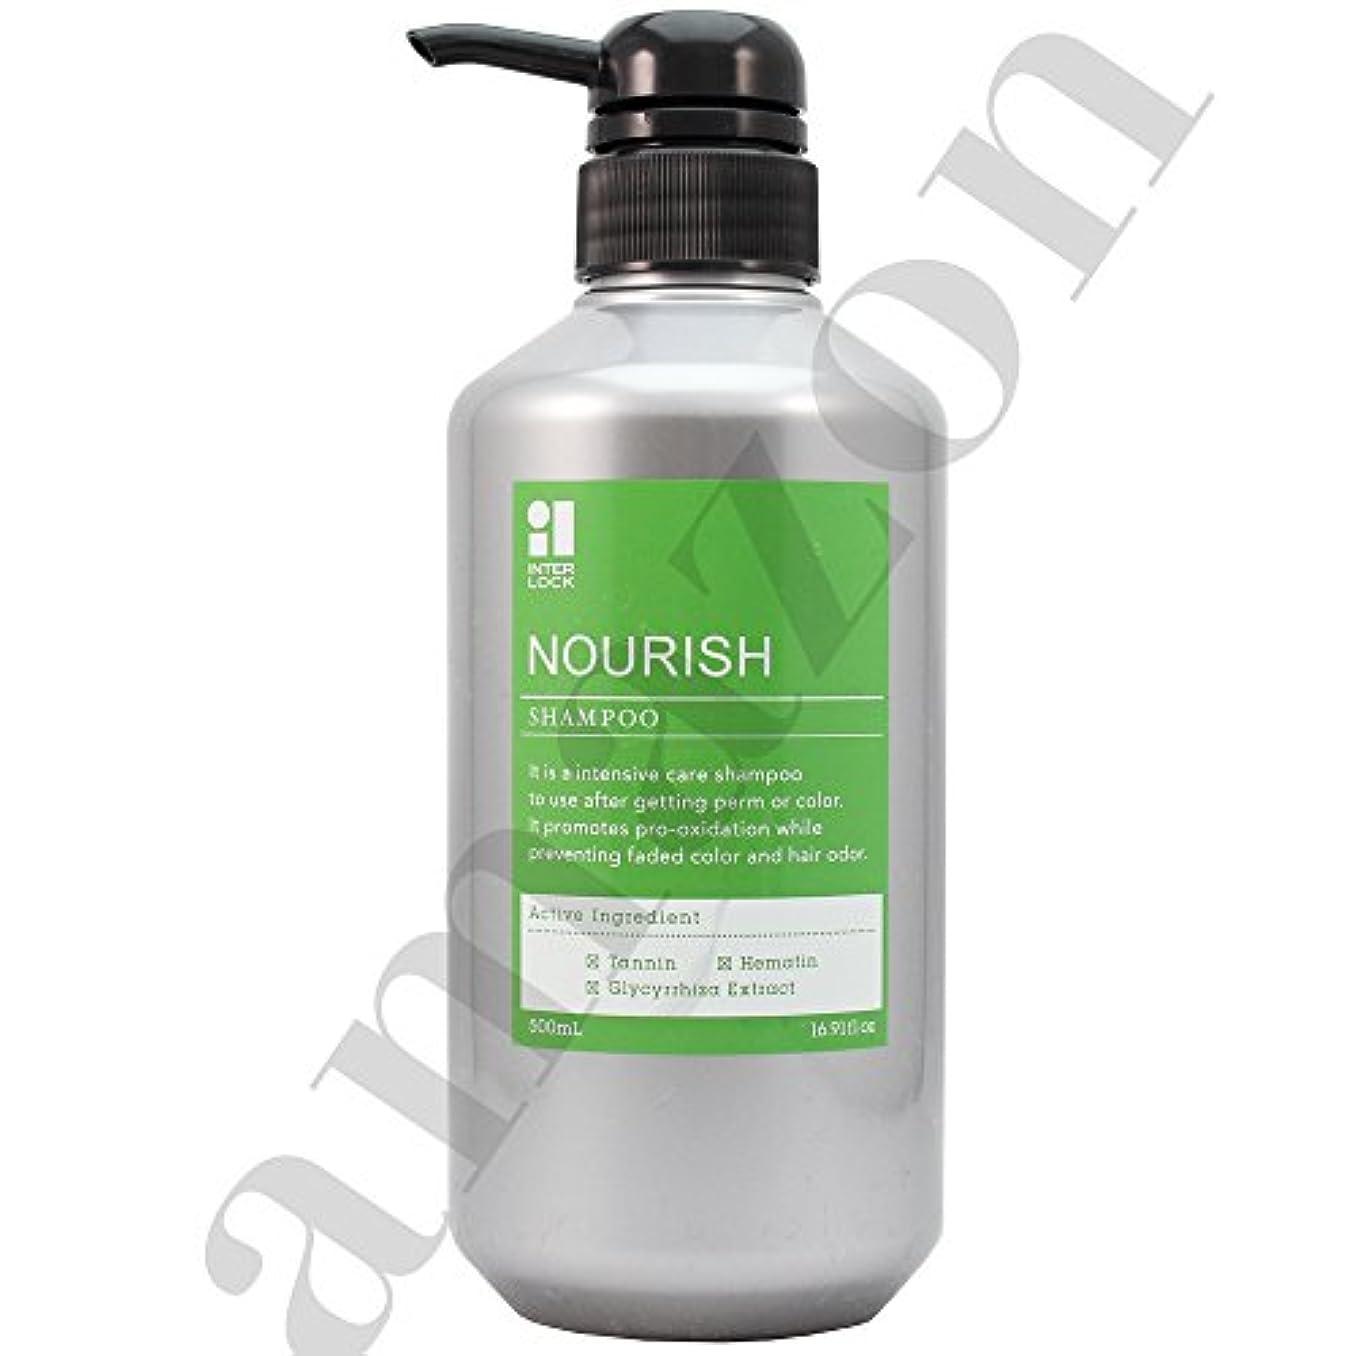 気を散らすありふれた密香栄化学(Model Cosmetics) インターロック ナリッシュS 500ml